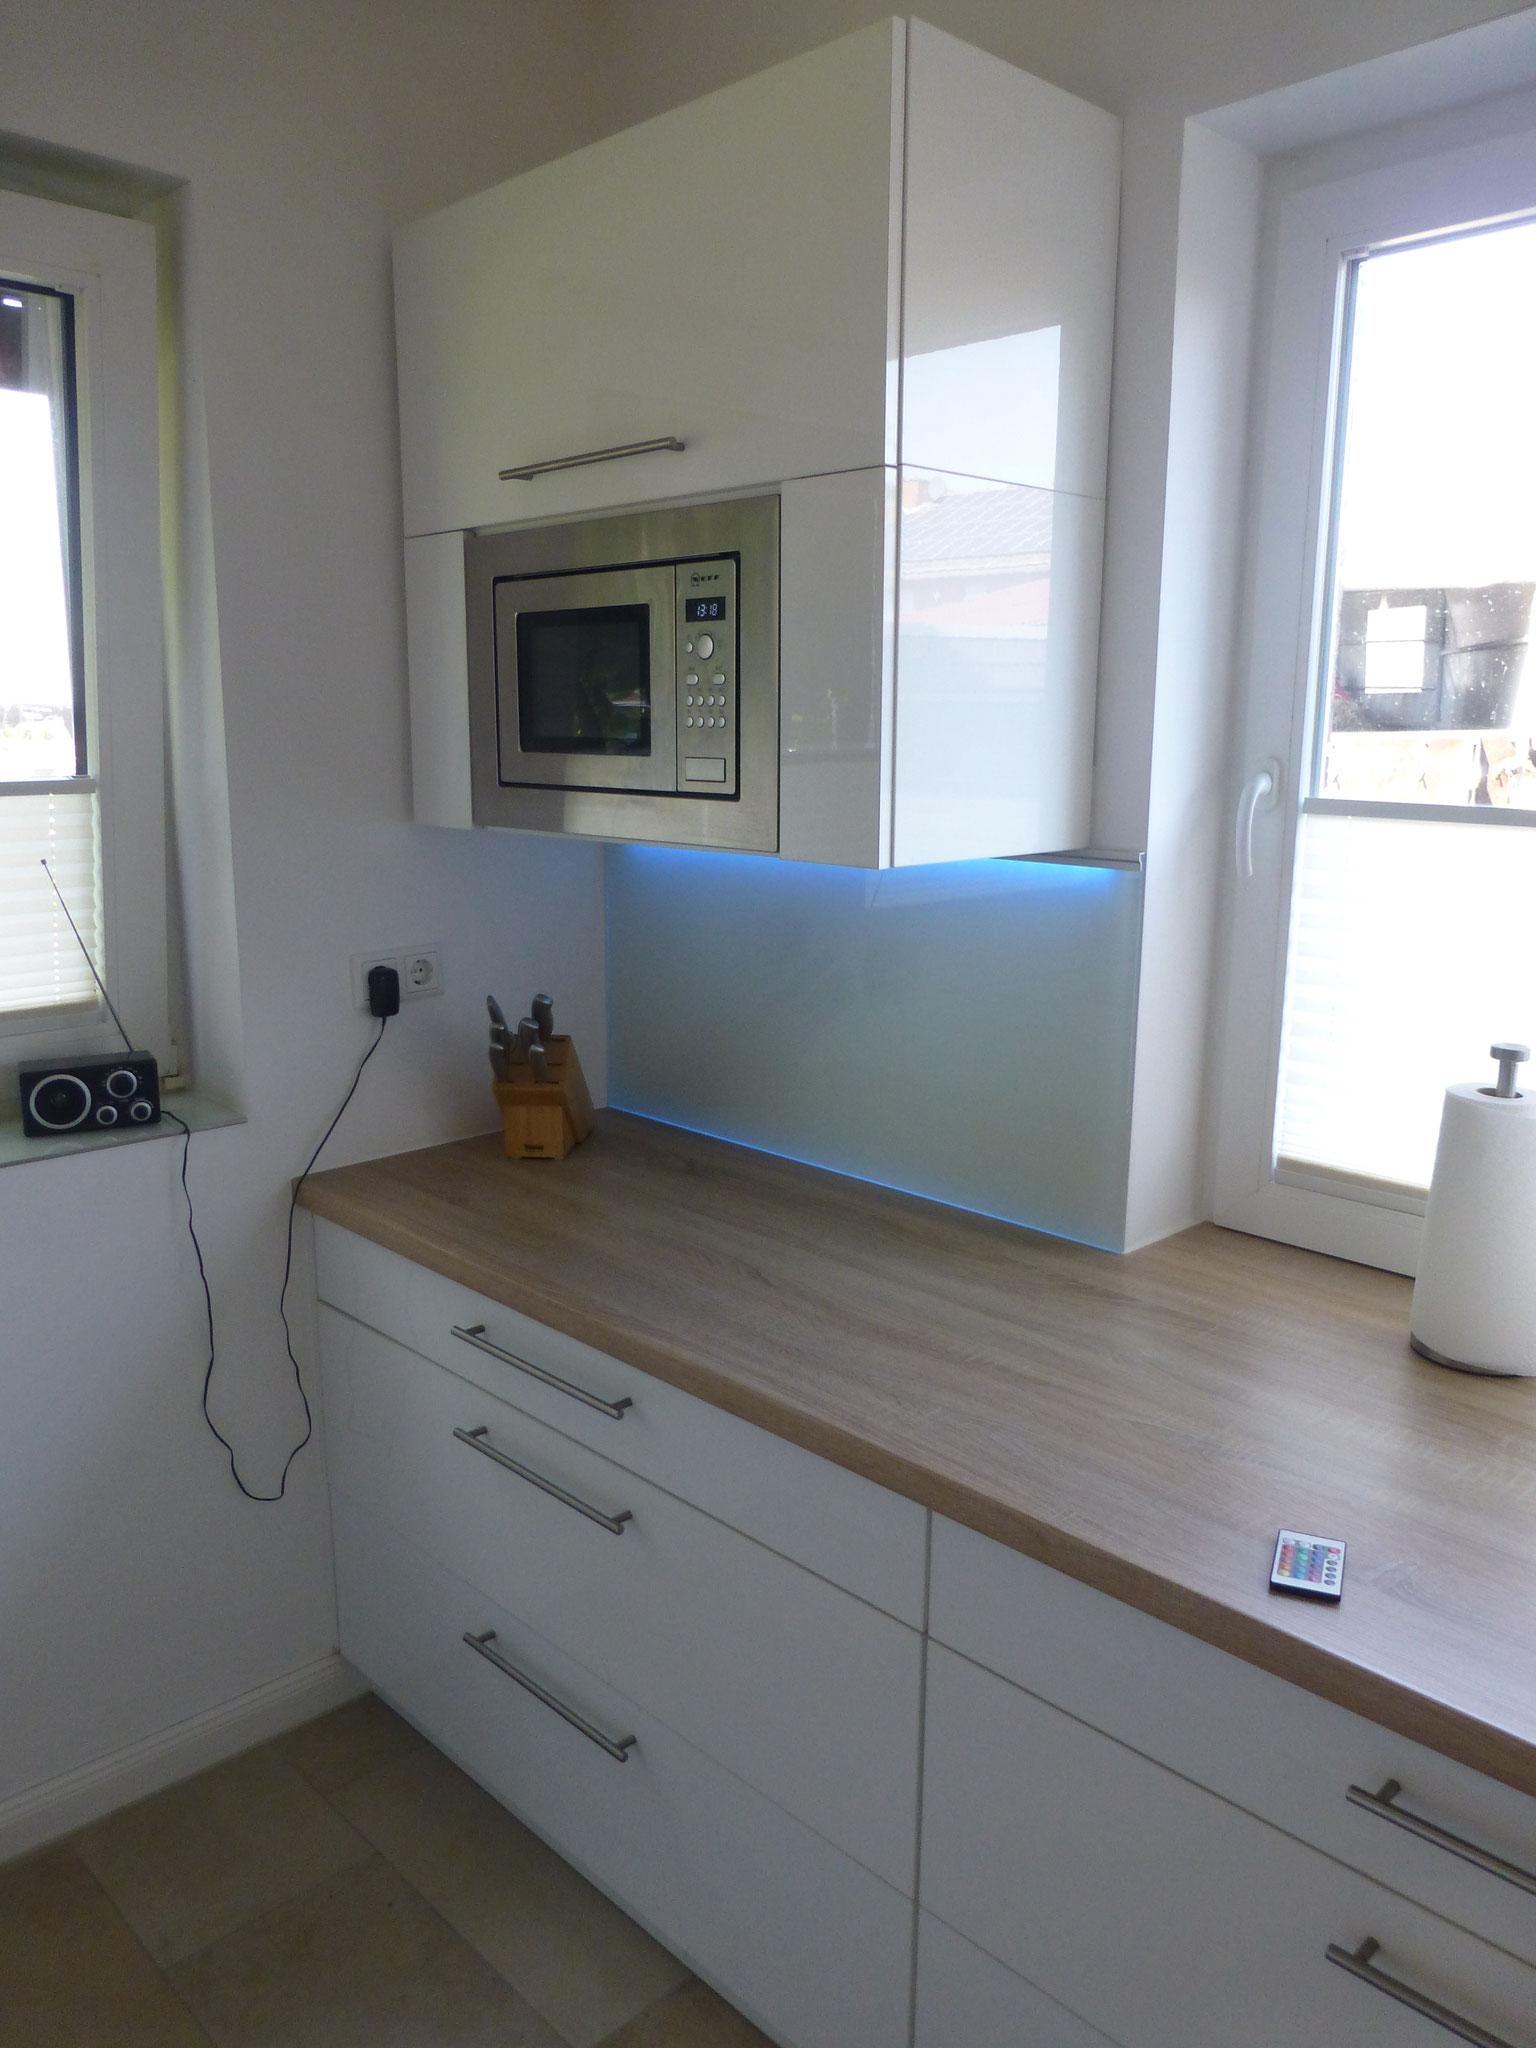 Glas-Küchenspiegel mit farbiger Hinterleuchtung